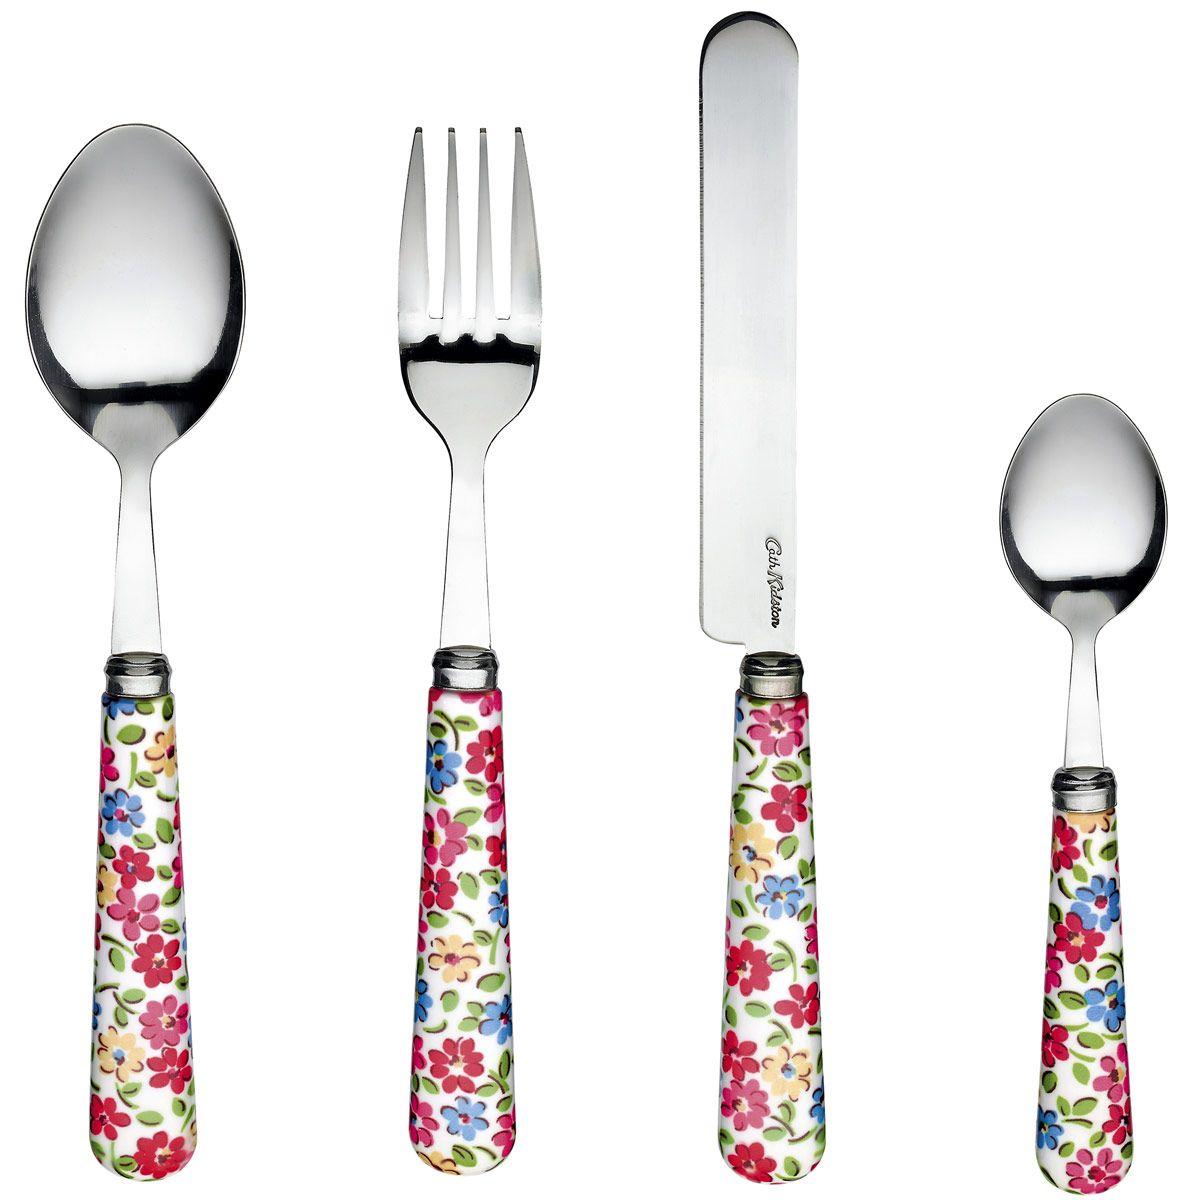 Garden Ditsy 16 Piece Cutlery Set | Cutlery | CathKidston  sc 1 st  Pinterest & Garden Ditsy 16 Piece Cutlery Set | Cutlery | CathKidston | Home \u003c3 ...